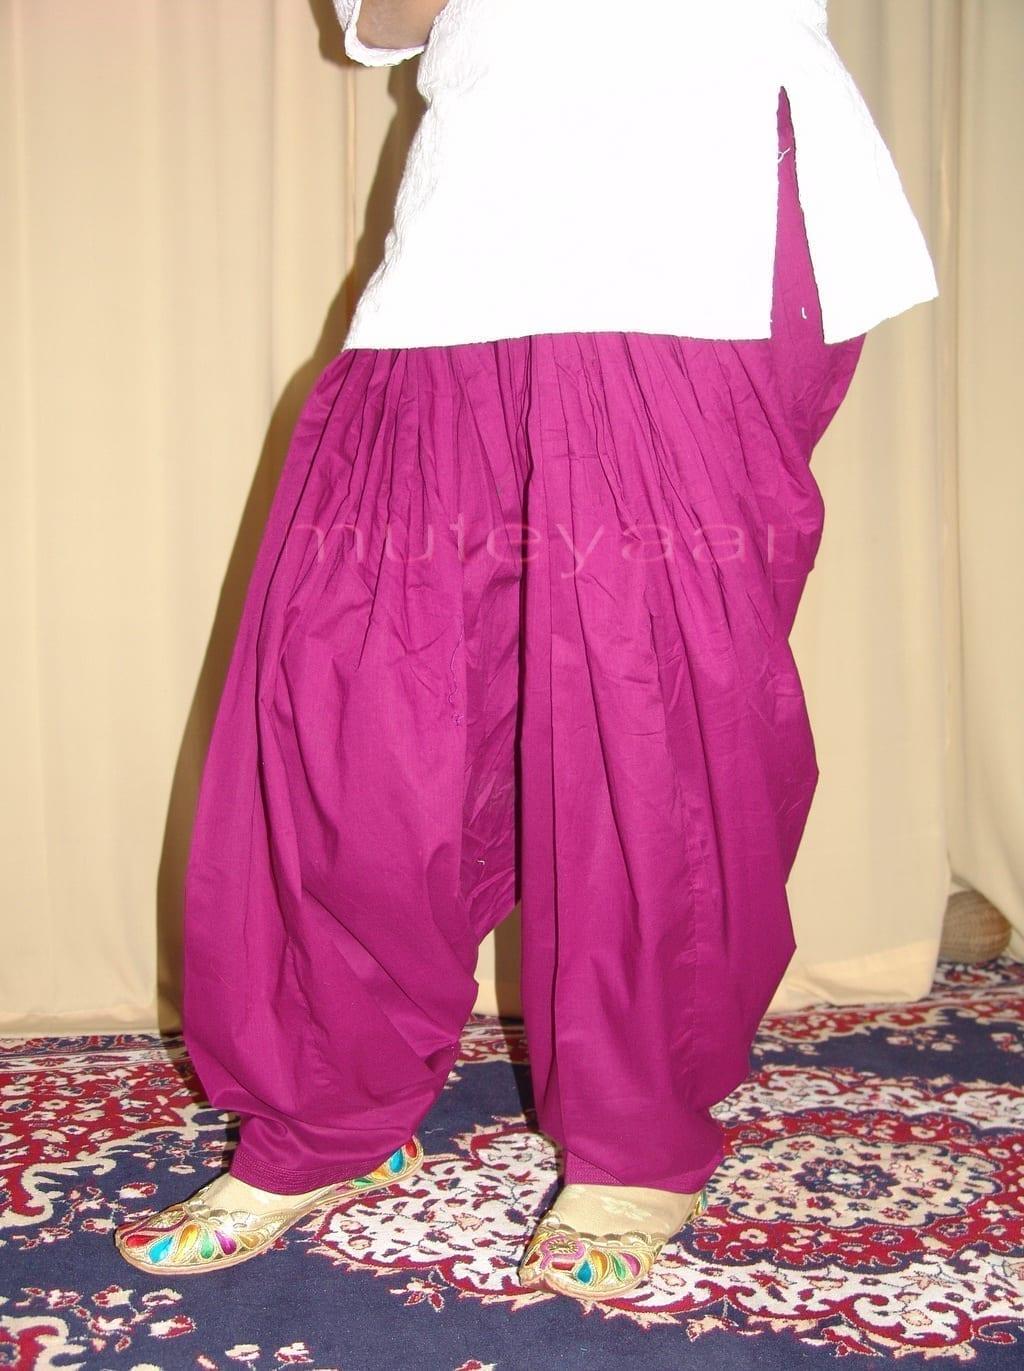 Patiala Salwars Wholesale Lot of 25 Pure Cotton Pants - Mix colours 28